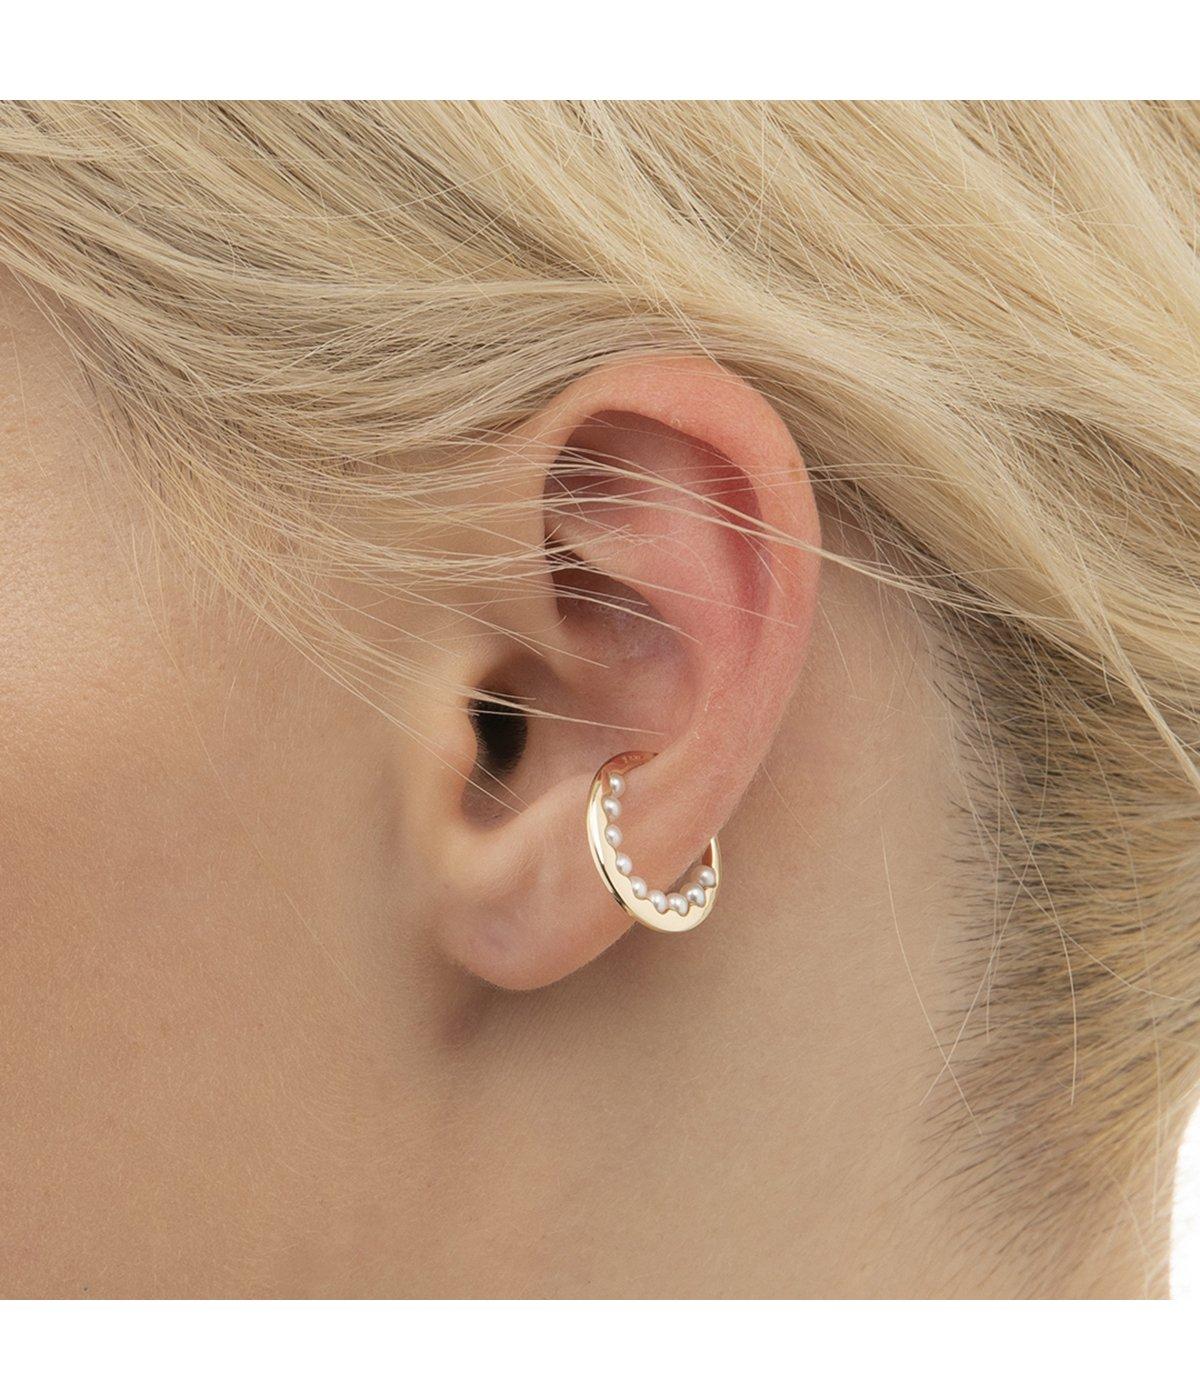 Baby Pearl Ear Cuff(イヤー カフ)